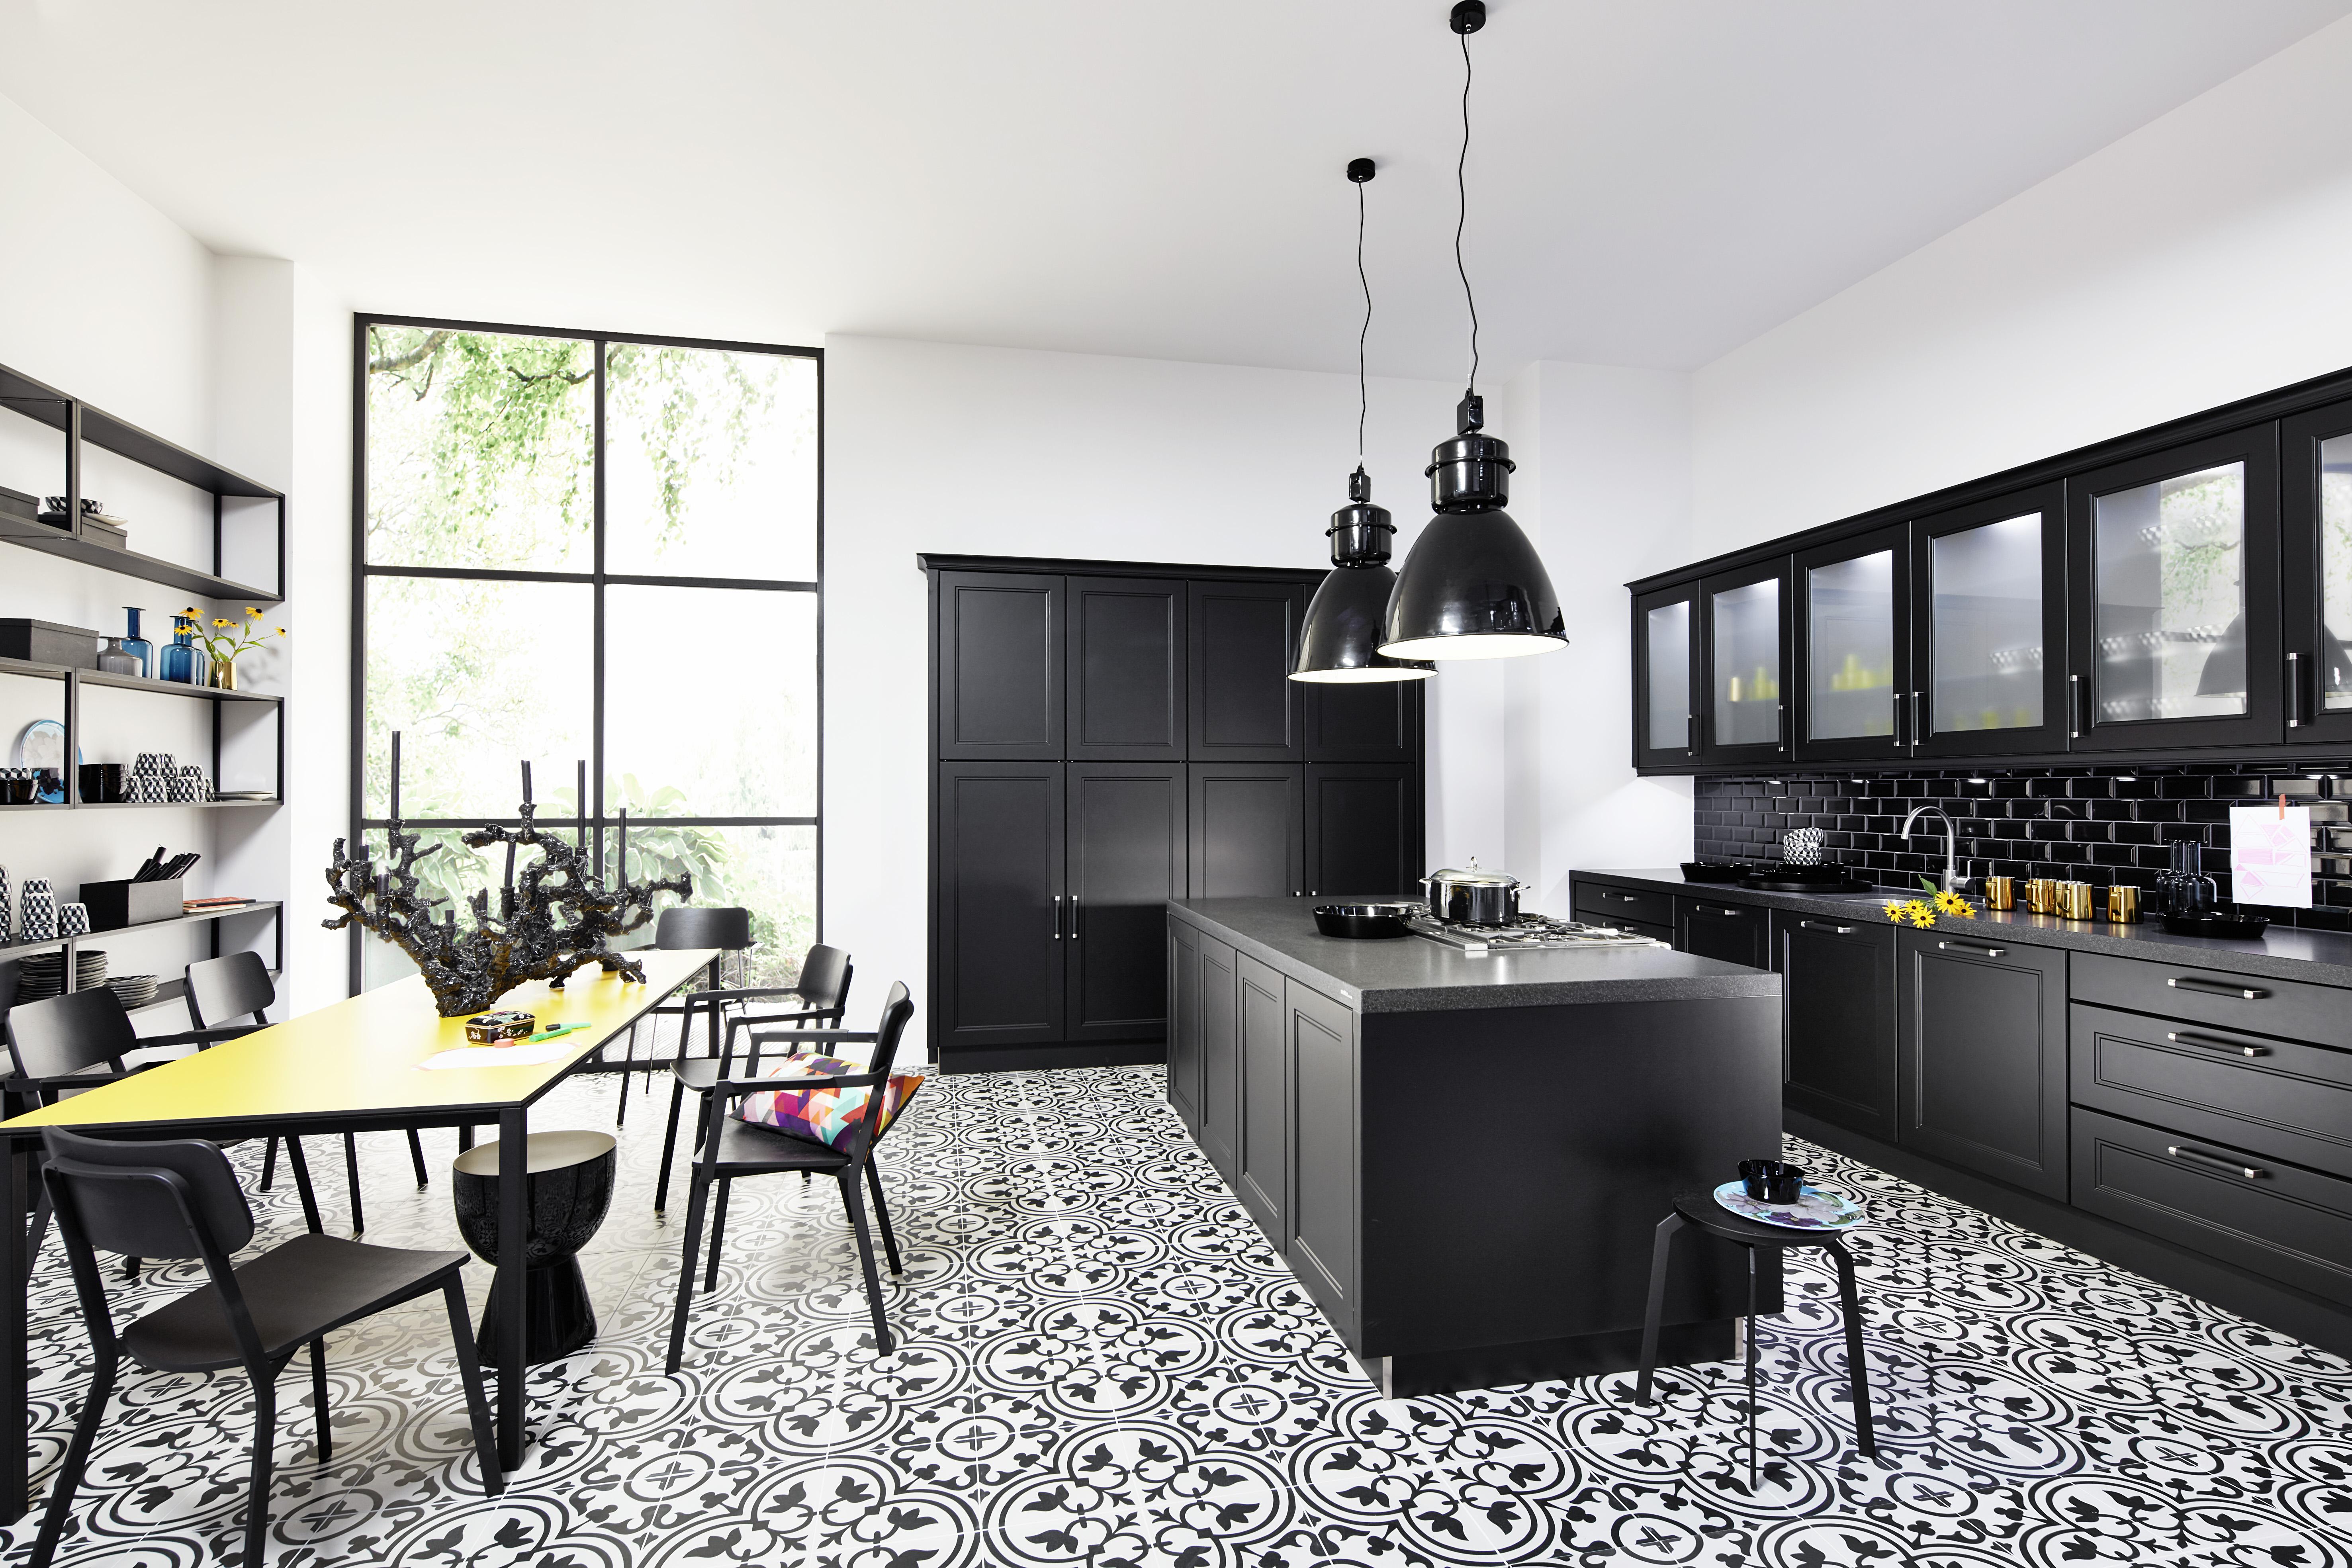 bienvenidos a dg muebles cocinas i mobiliario de hogar y decoraci n en san sebasti n cocinas. Black Bedroom Furniture Sets. Home Design Ideas